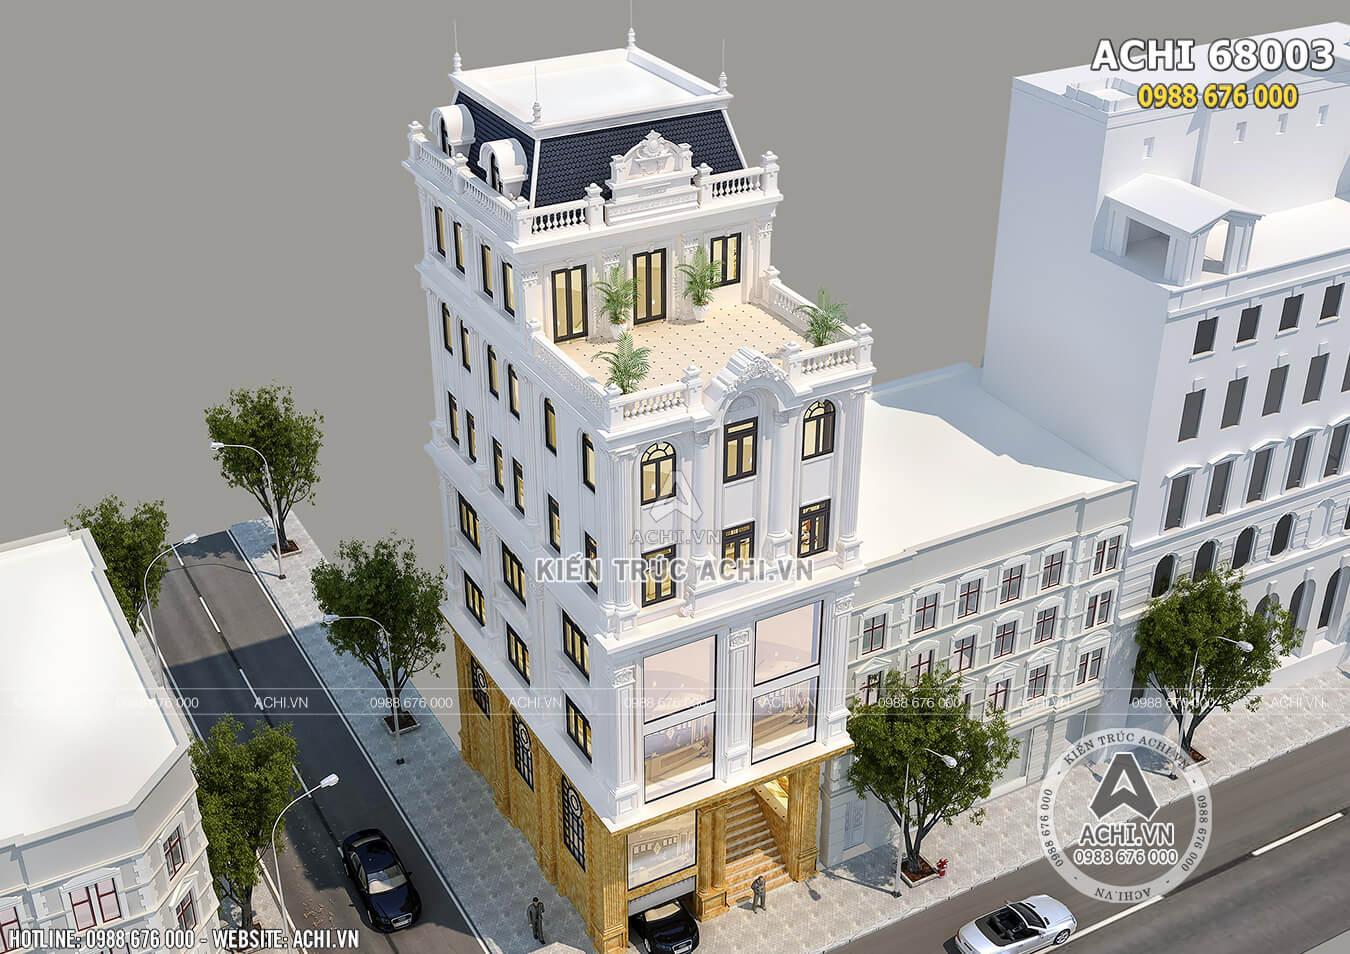 Hình ảnh: Mẫu nhà phố kiến trúc tân cổ điển nhìn từ trên cao– ACHI 68003